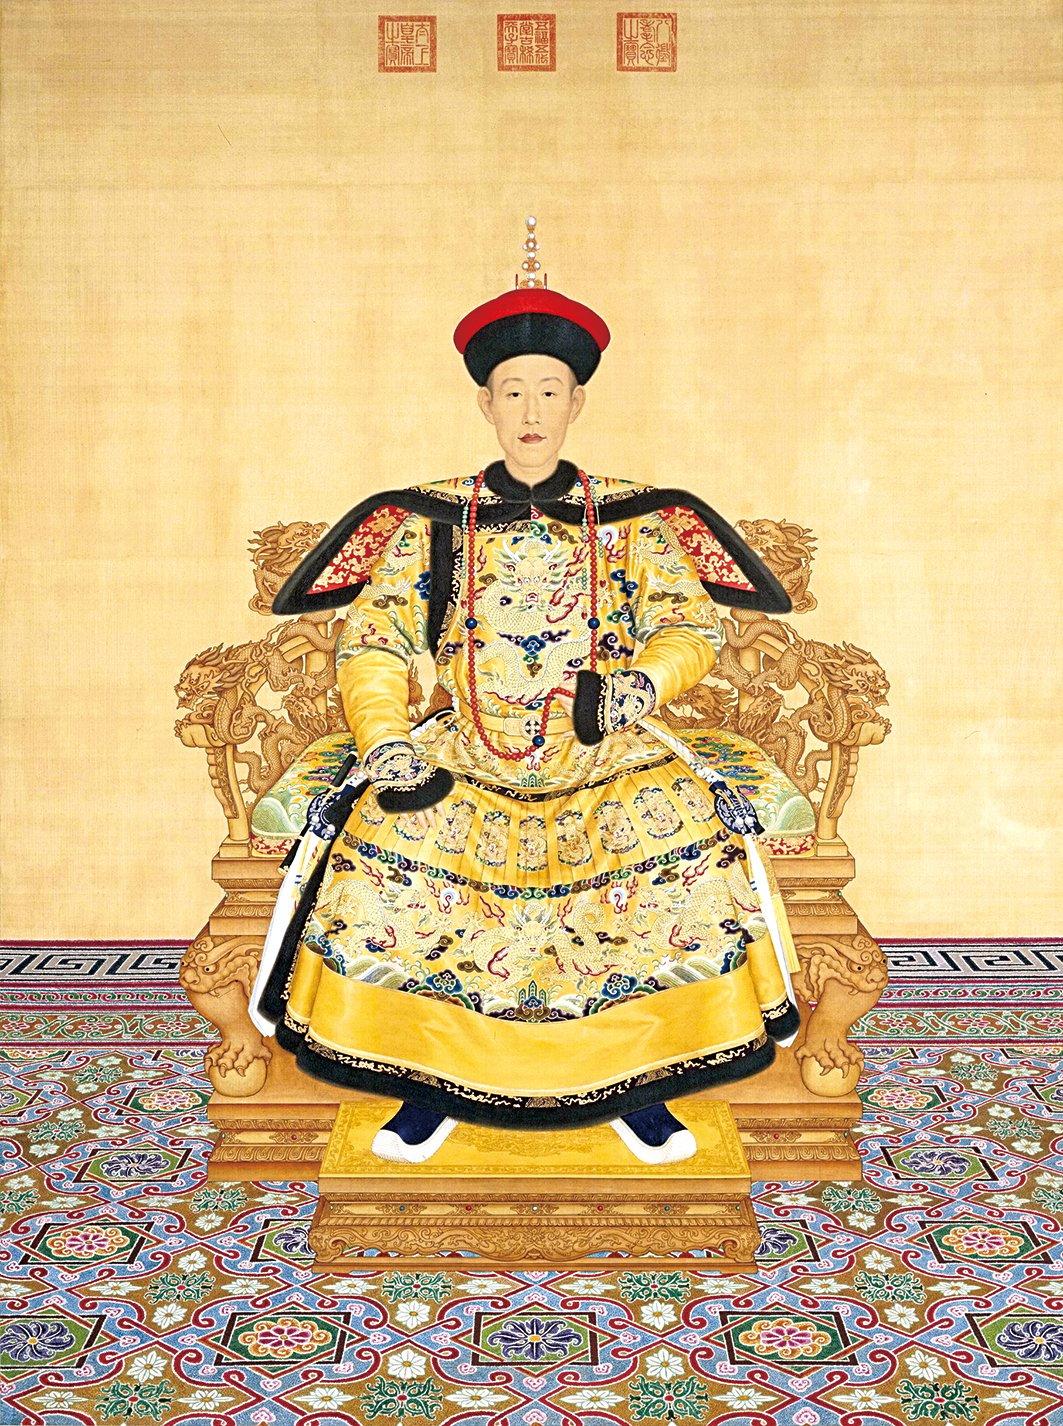 清‧郎世寧繪《清高宗乾隆帝朝服像》。(維基百科)